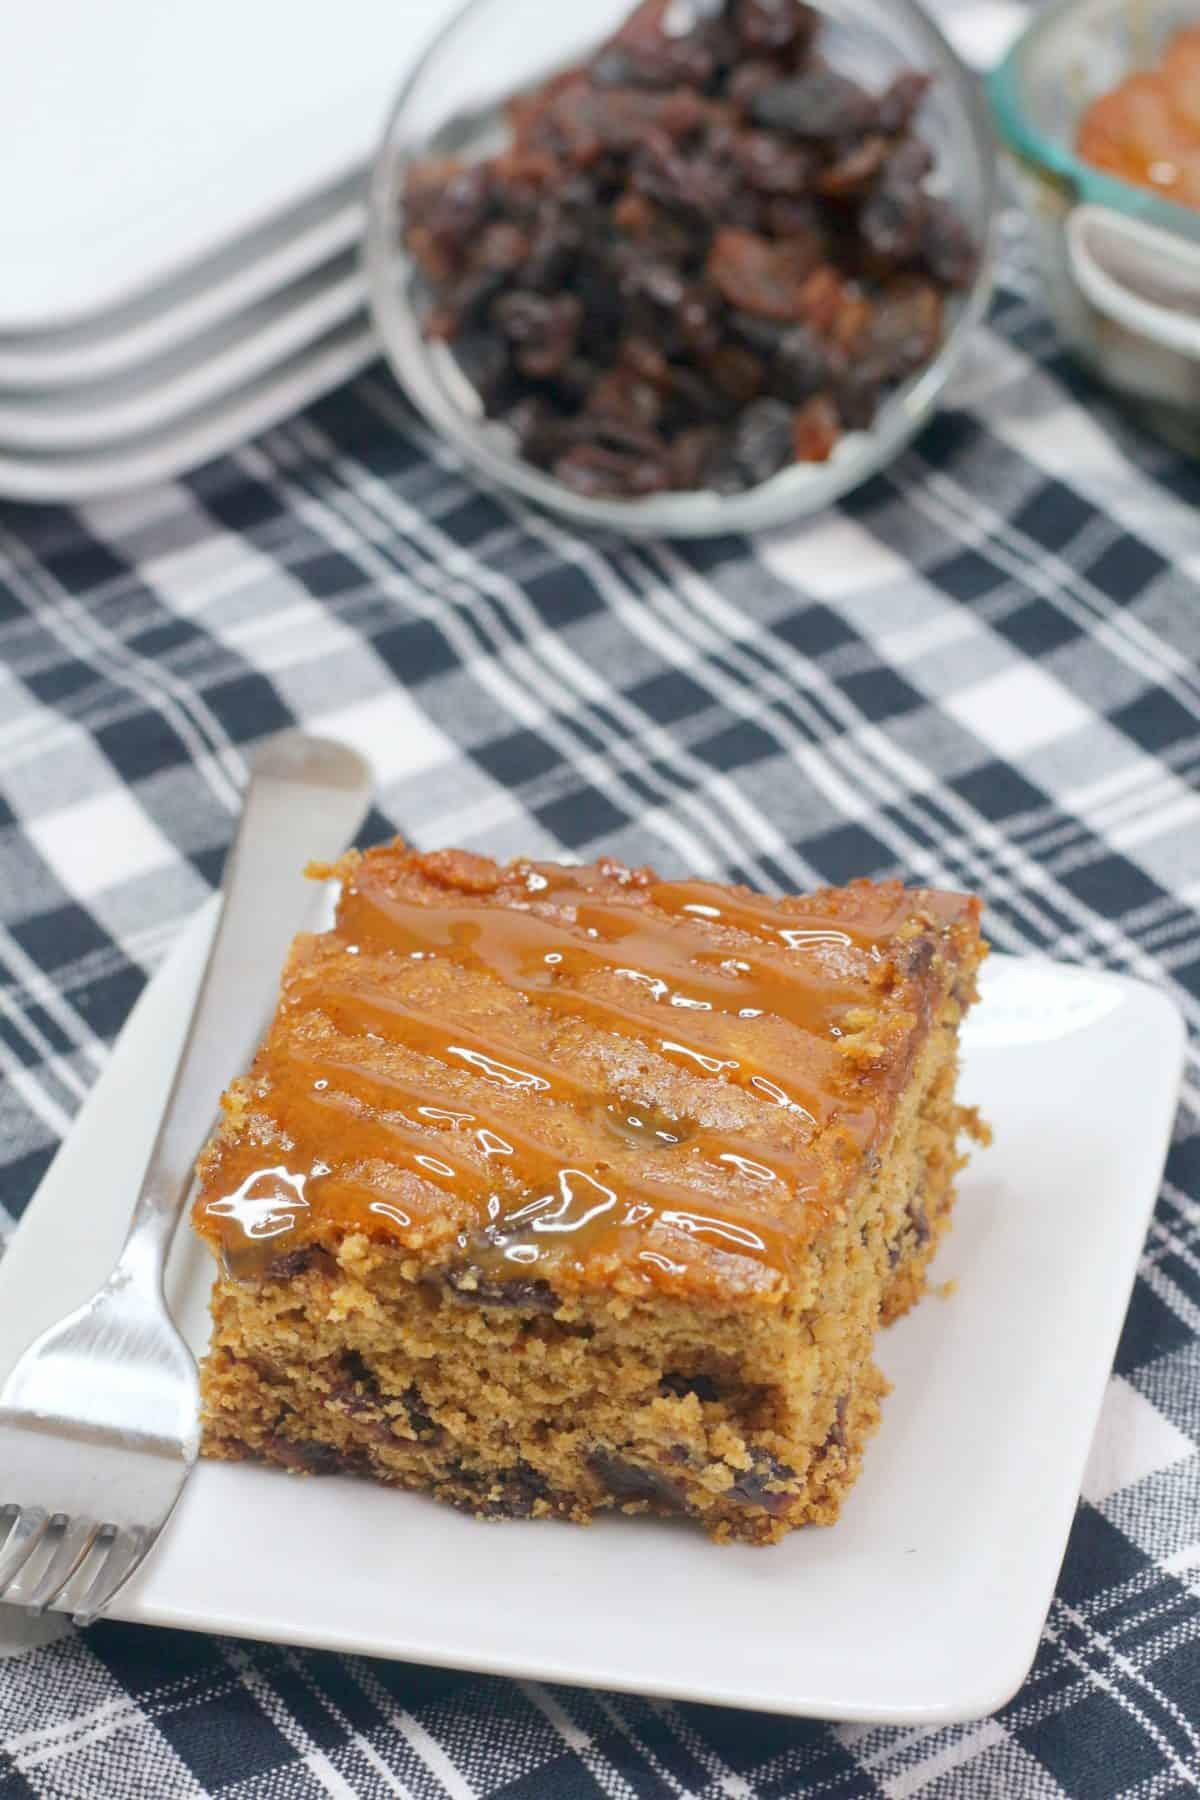 Spanish cake, homemade Spanish cake